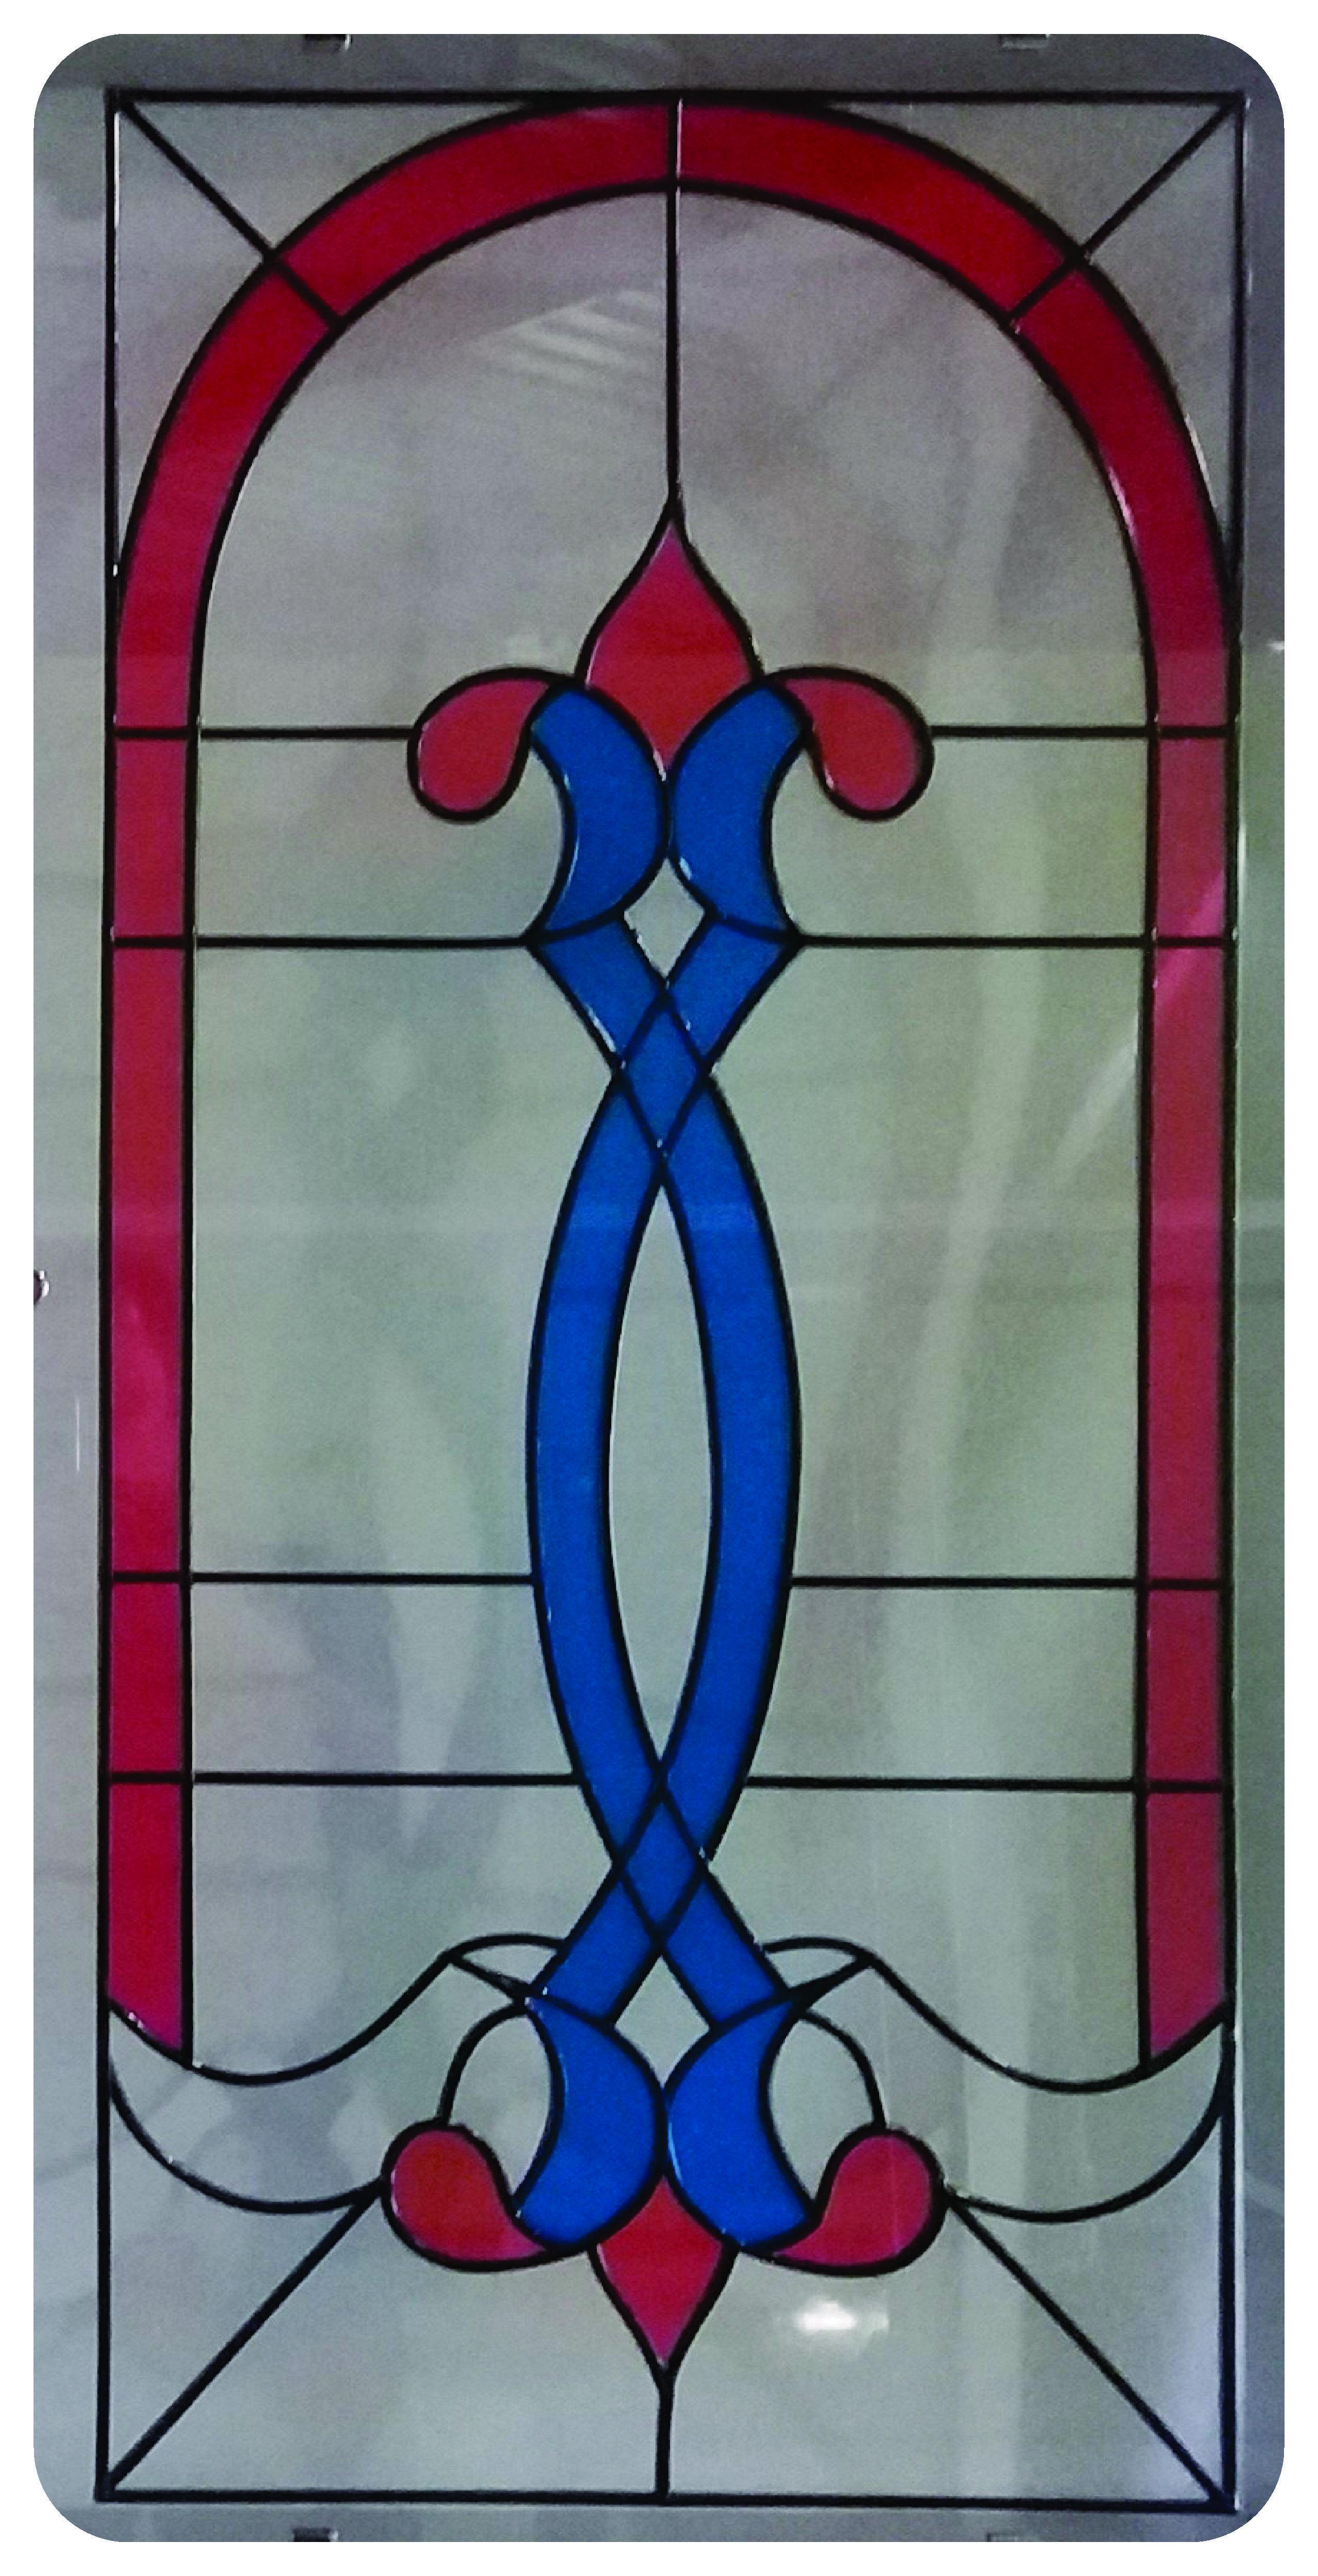 1000 y Mas diseños Unicos de vitrales para puertas|imagenes para ...